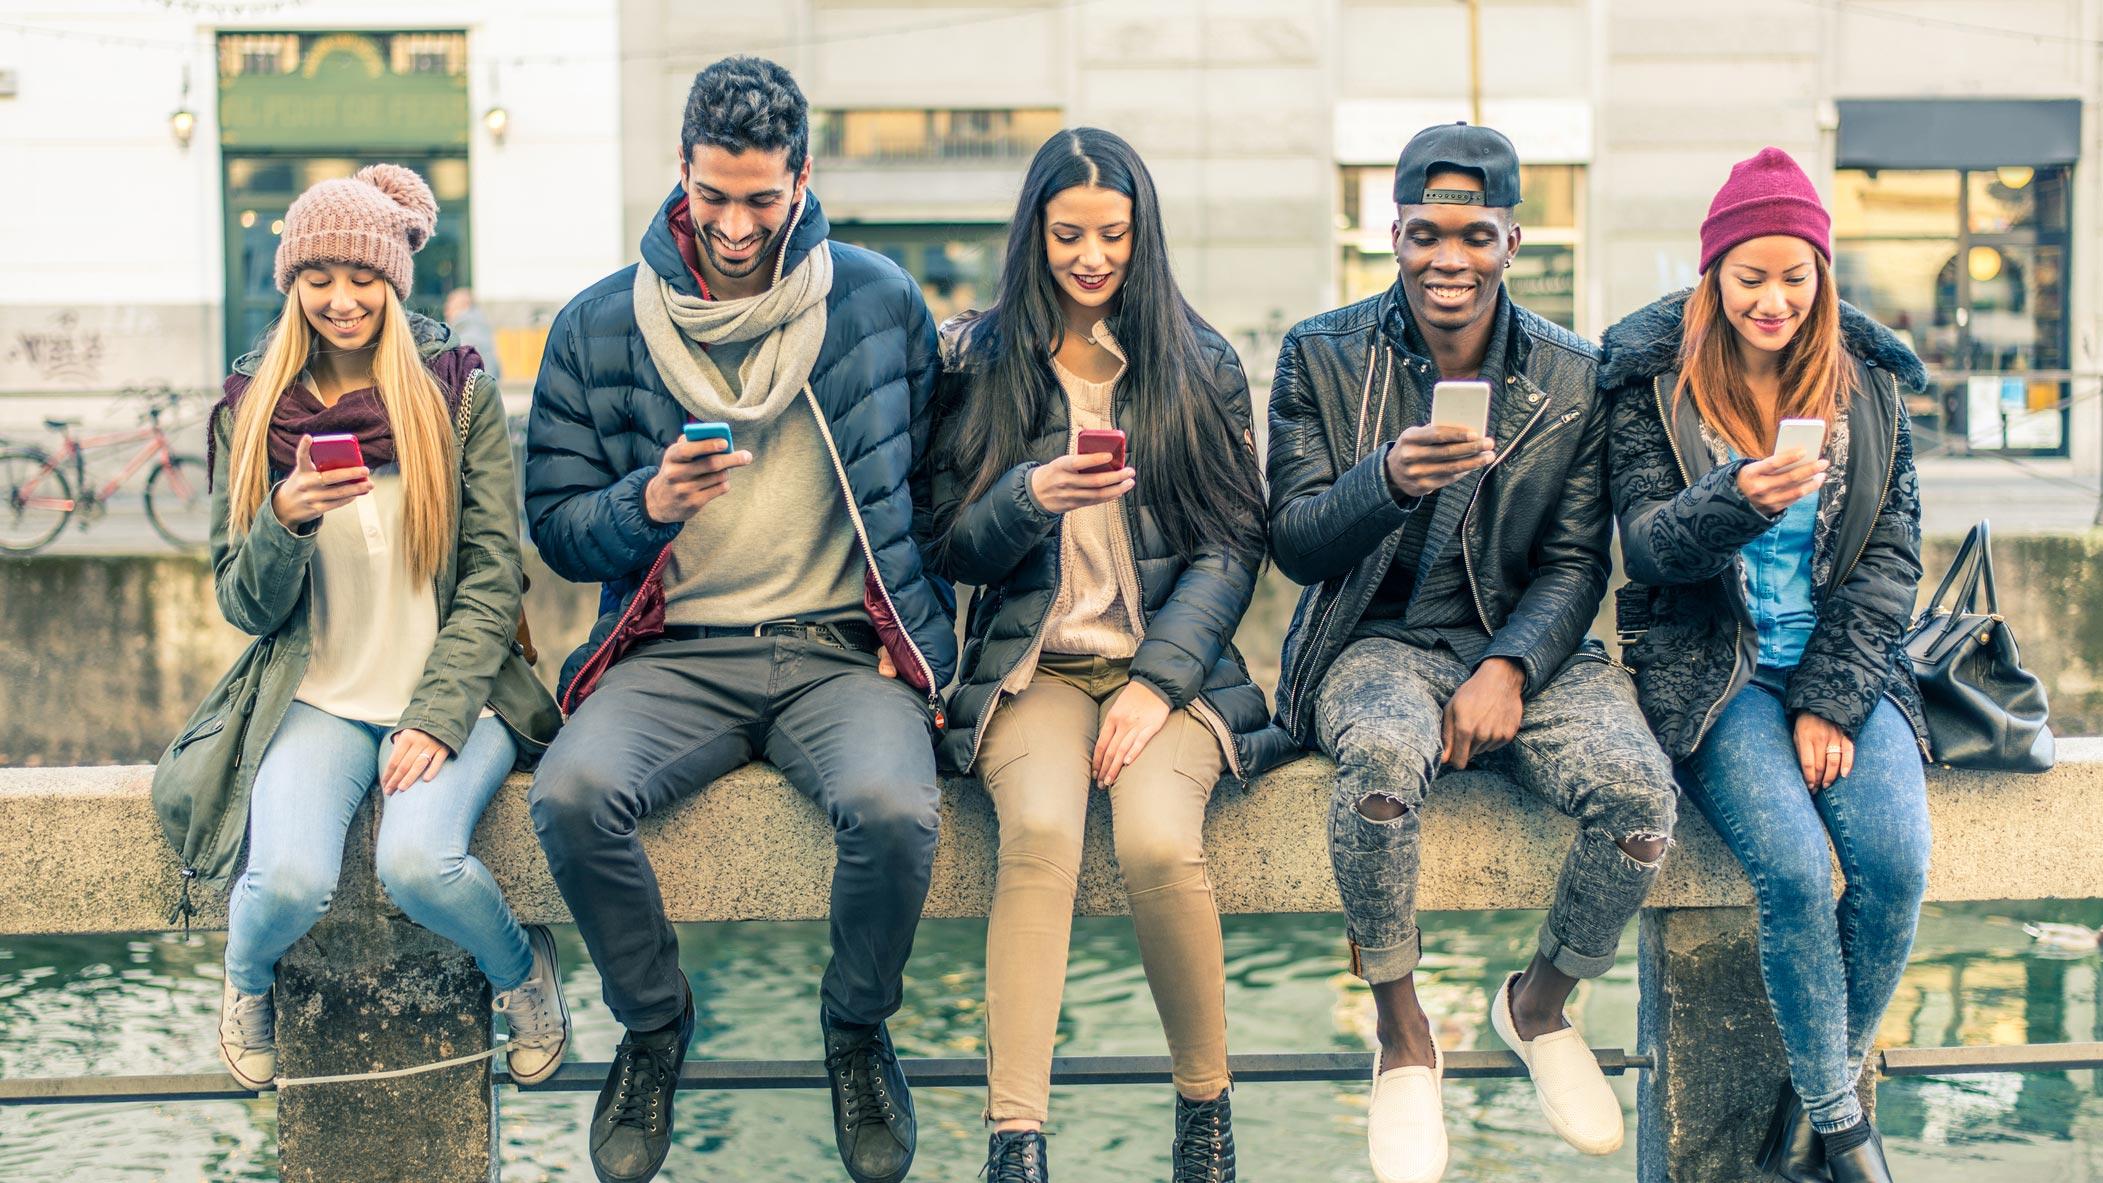 WhatsApp Gruppenchat: Diese Funktionen sollten Sie kennen